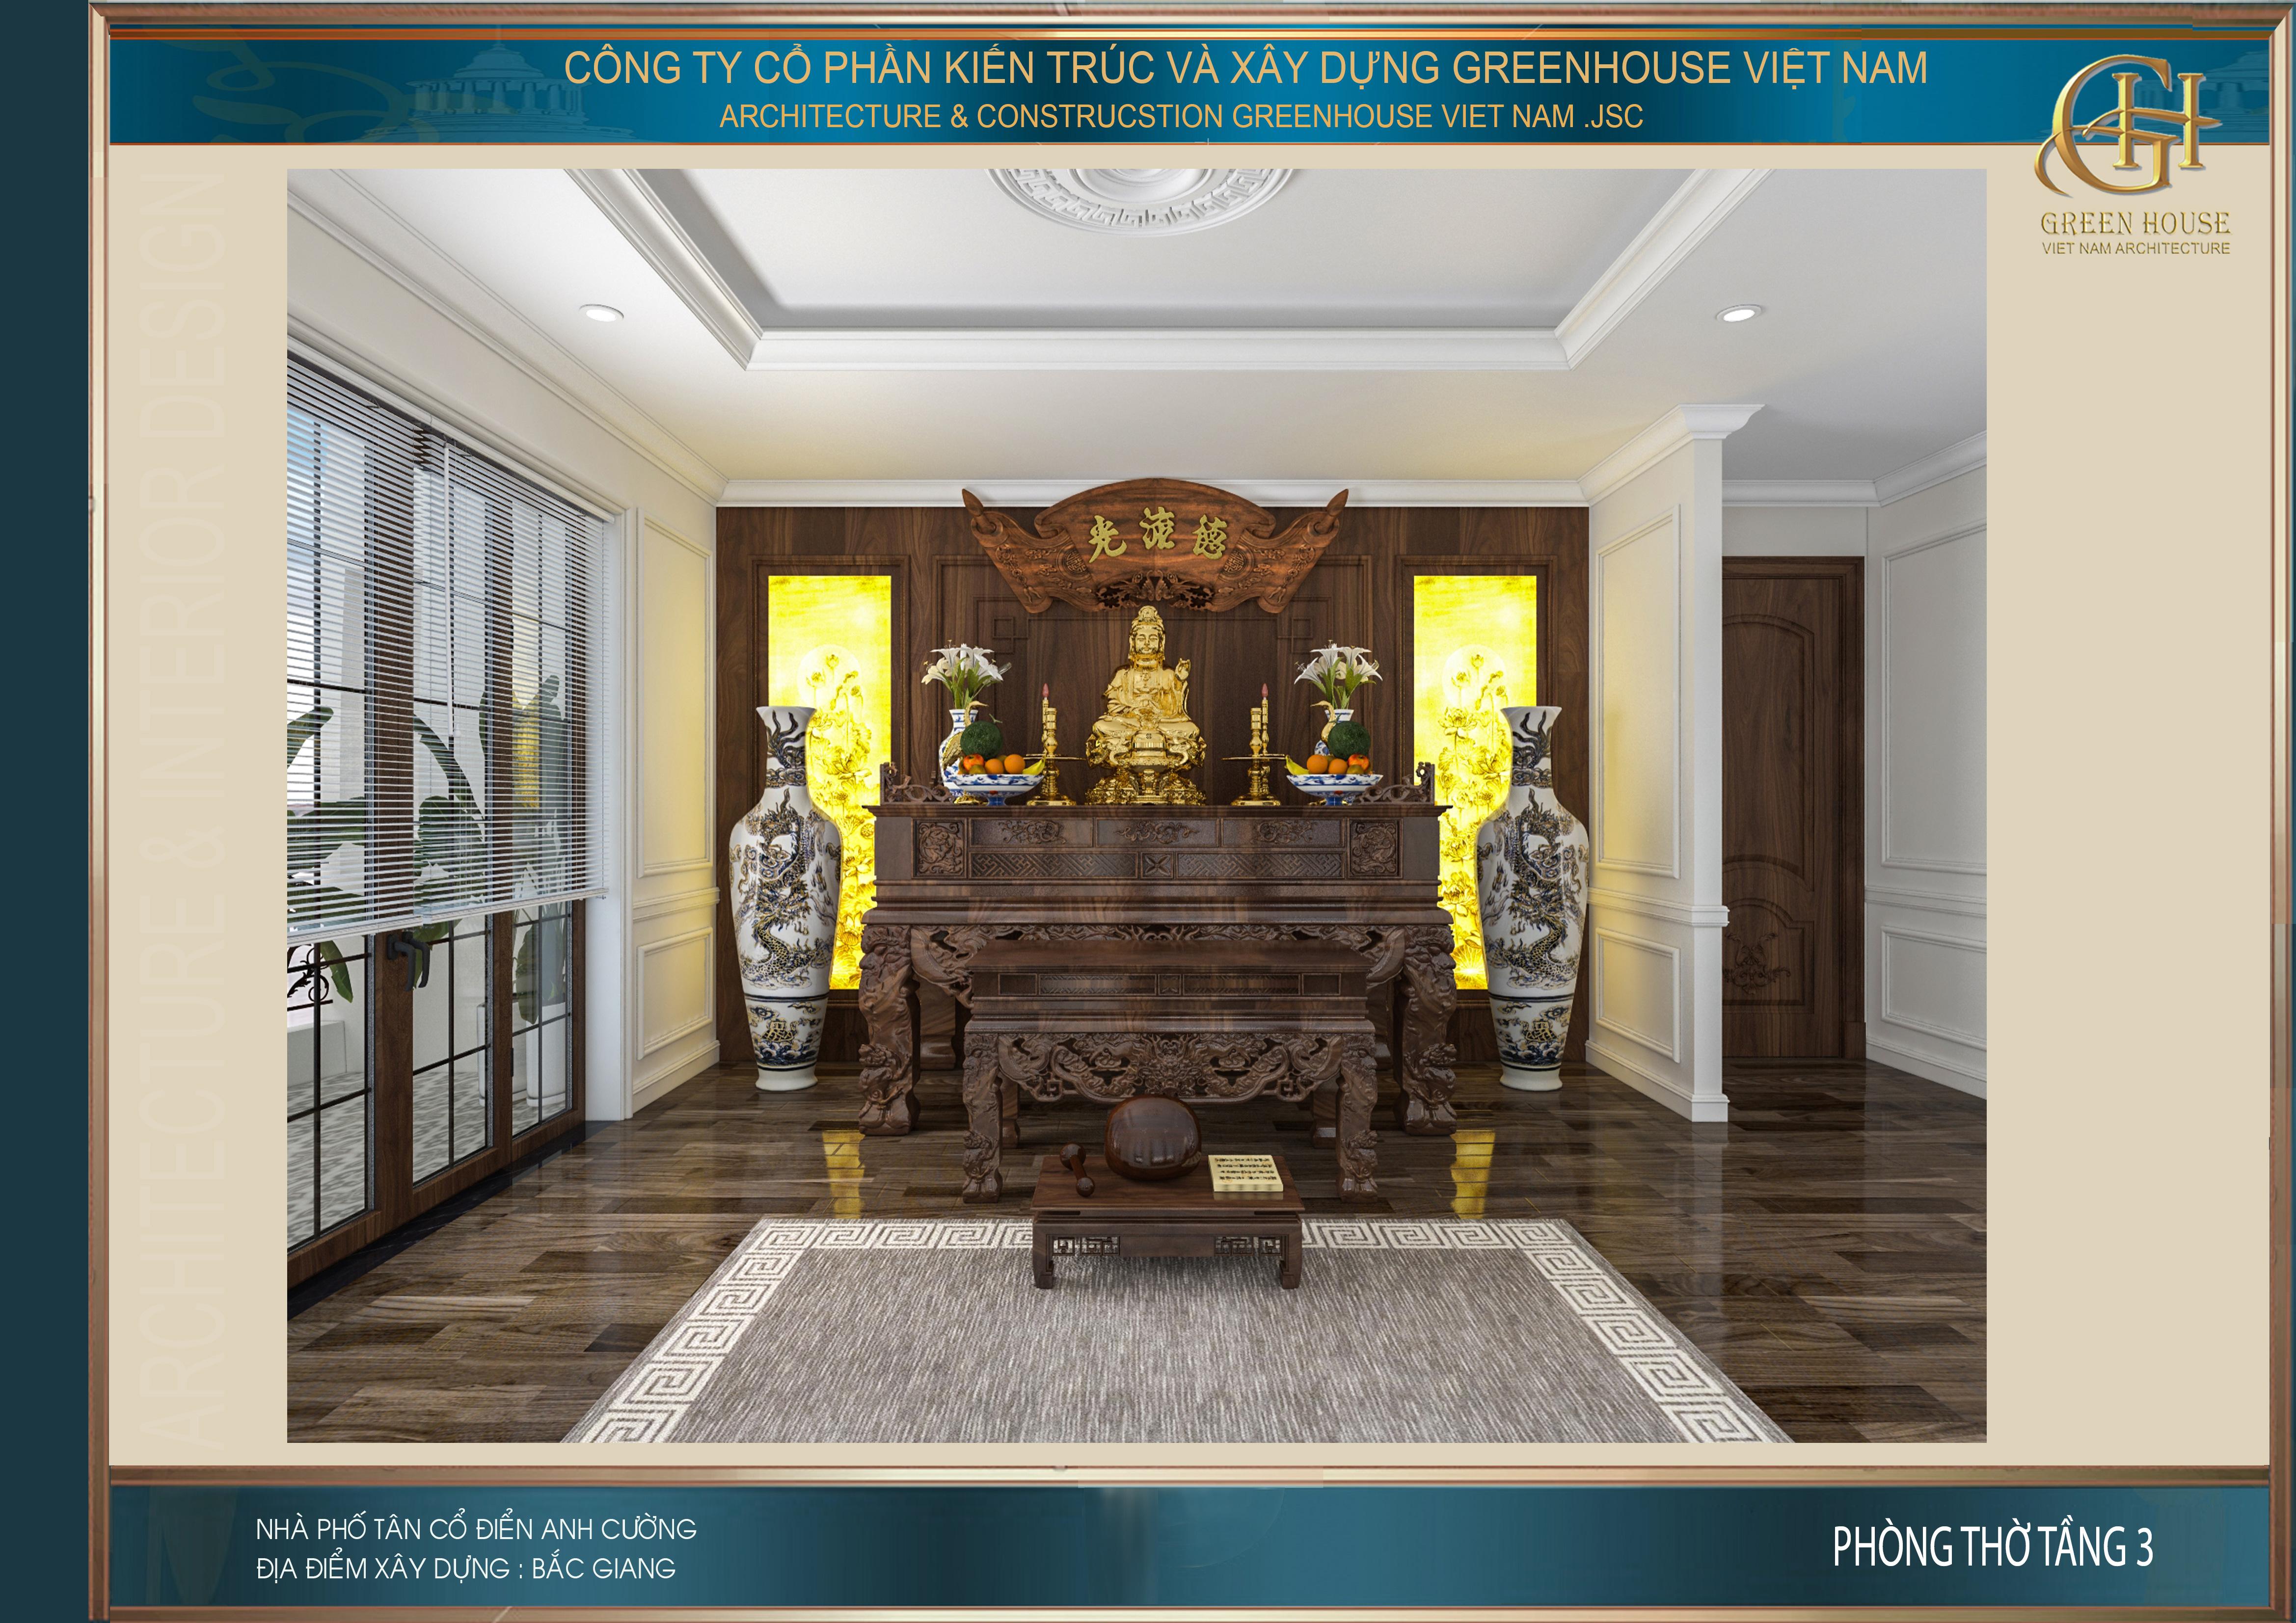 Thiết kế nội thất phòng thờ của biệt thự tân cổ điển tại Bắc Giang